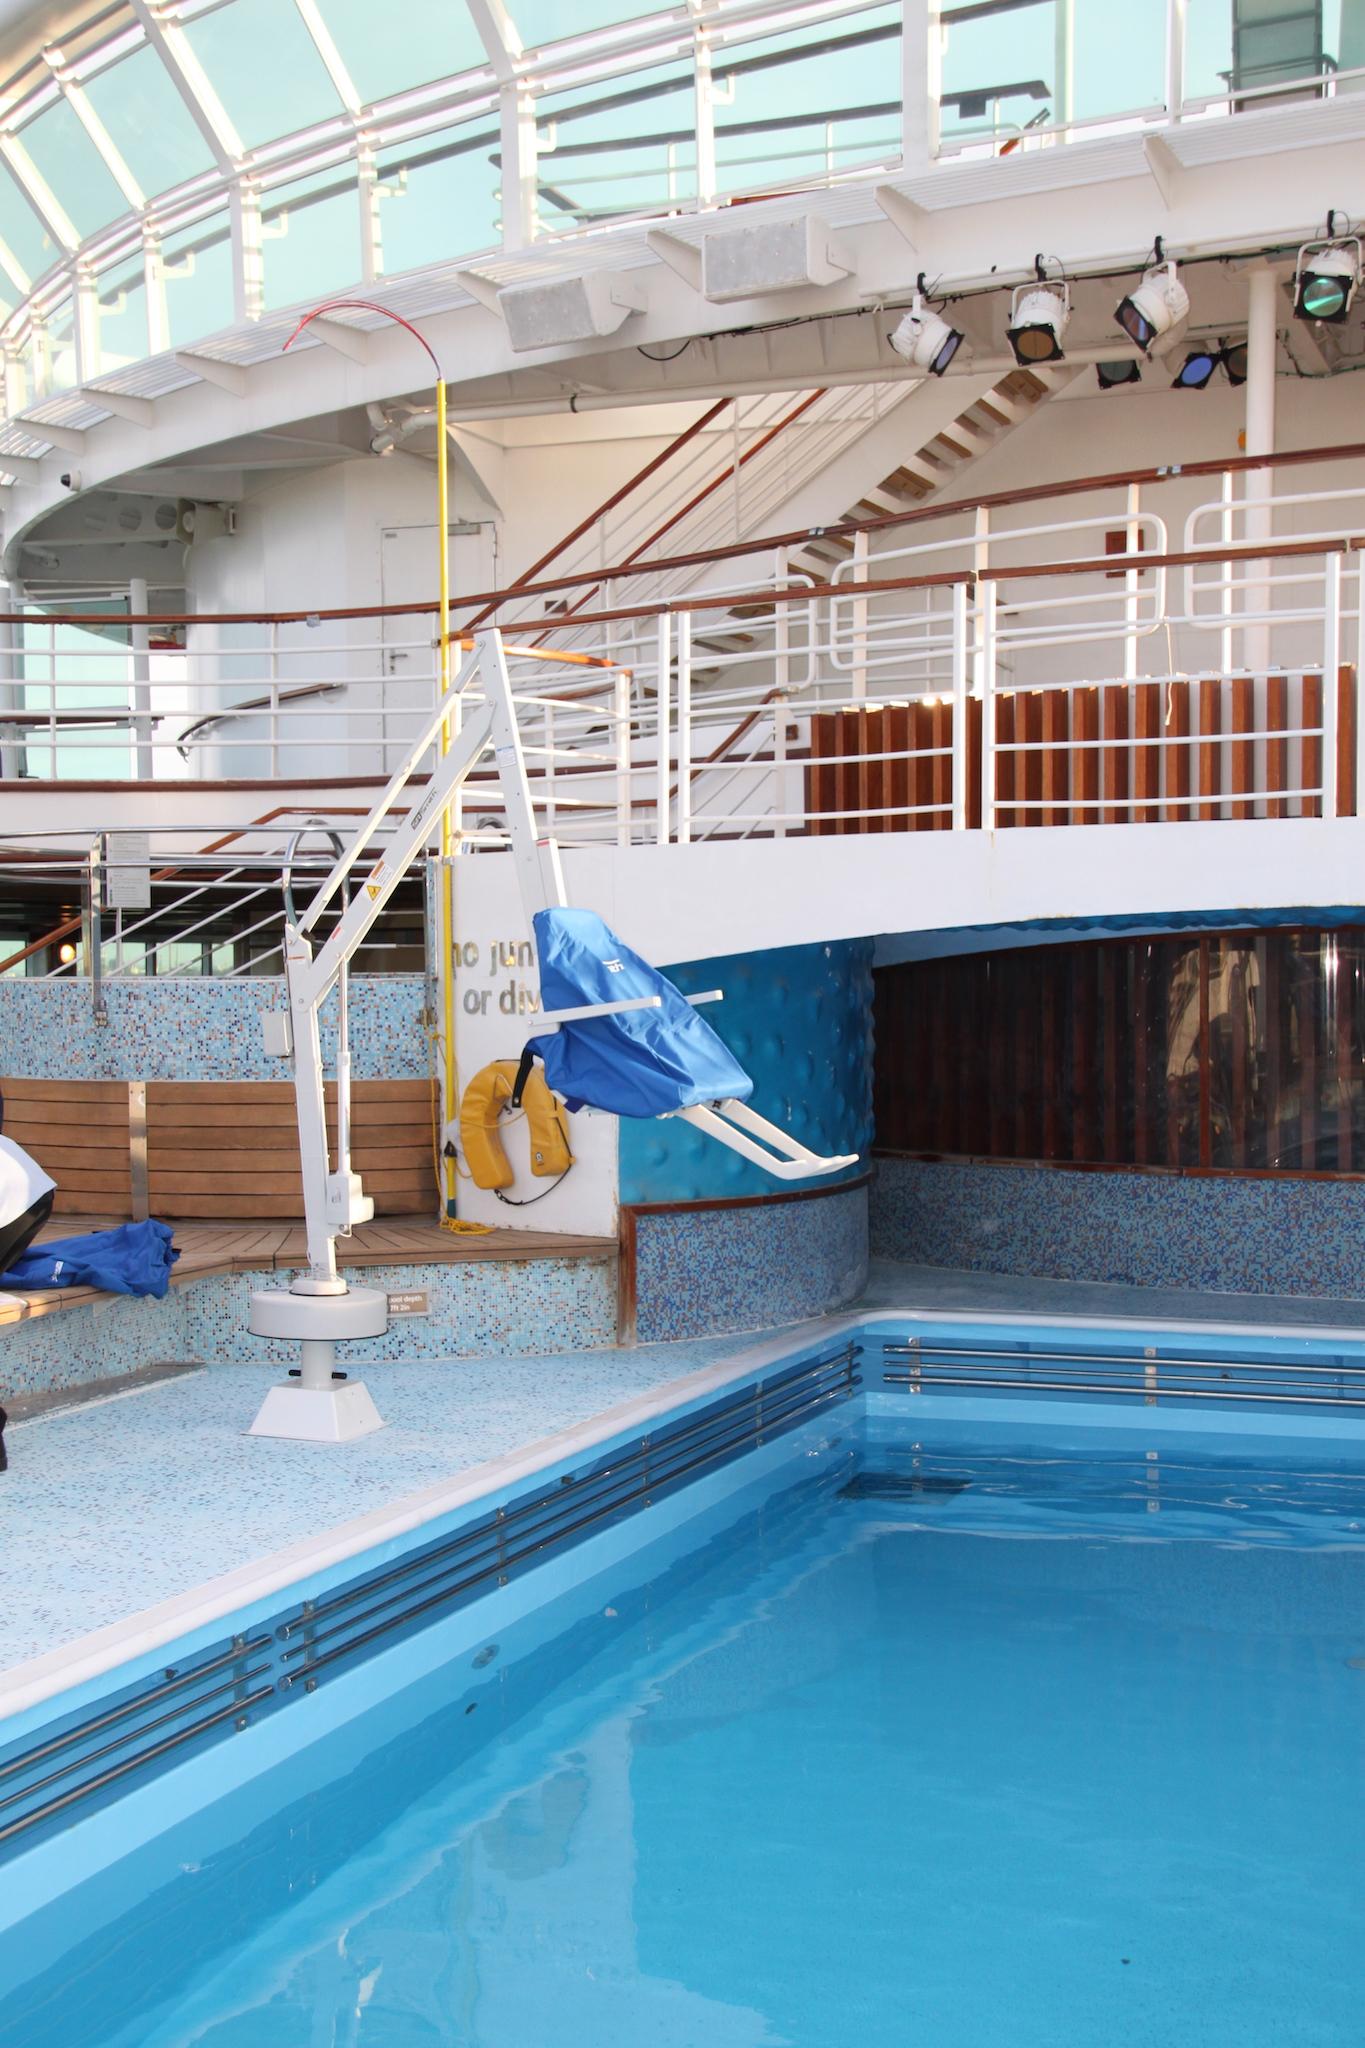 splash-pool-hoist-cruise-liner.JPG